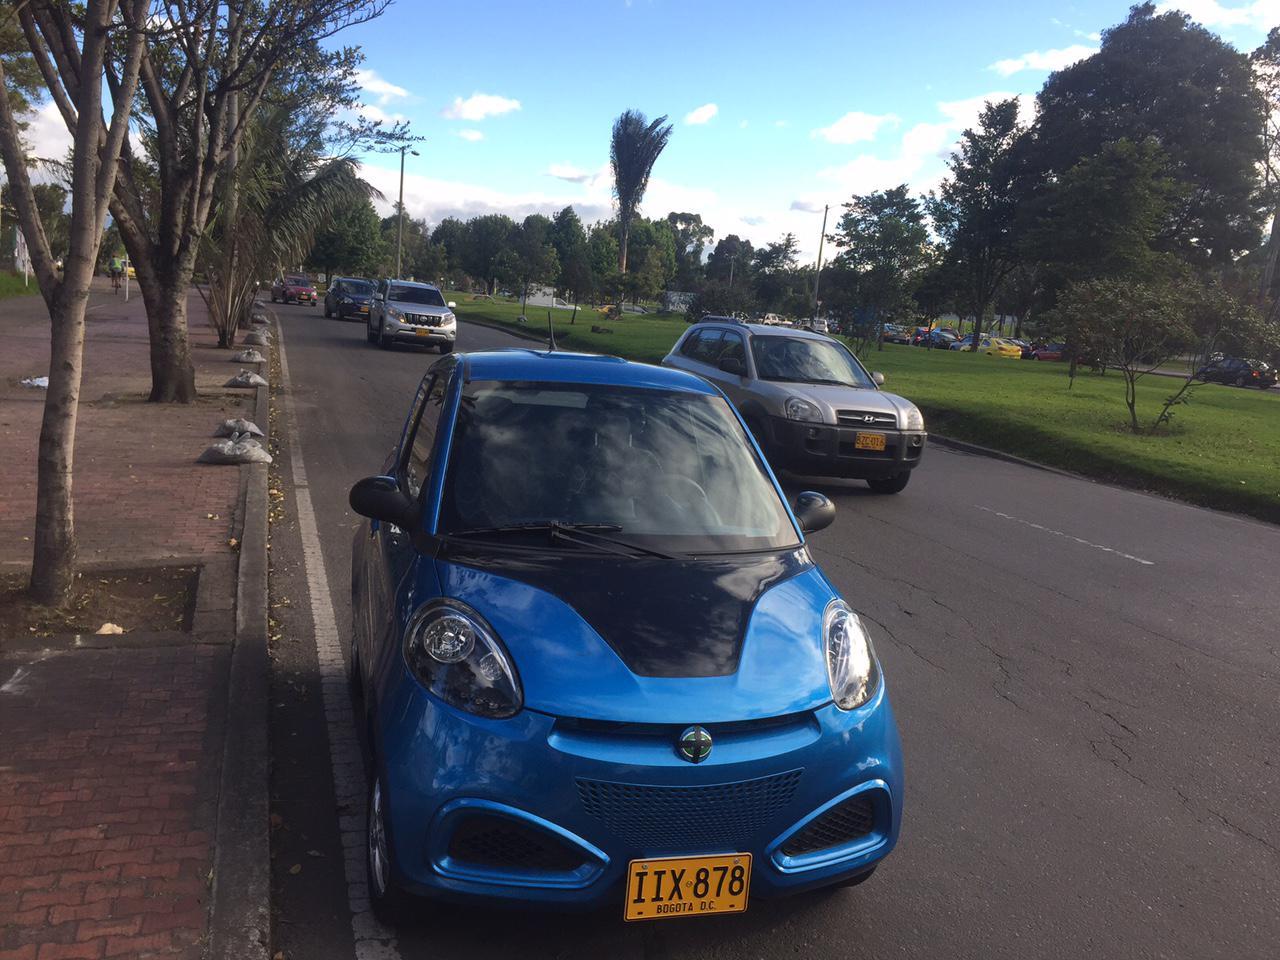 哥伦比亚首都最大汽车租赁公司向知豆伸出橄榄枝